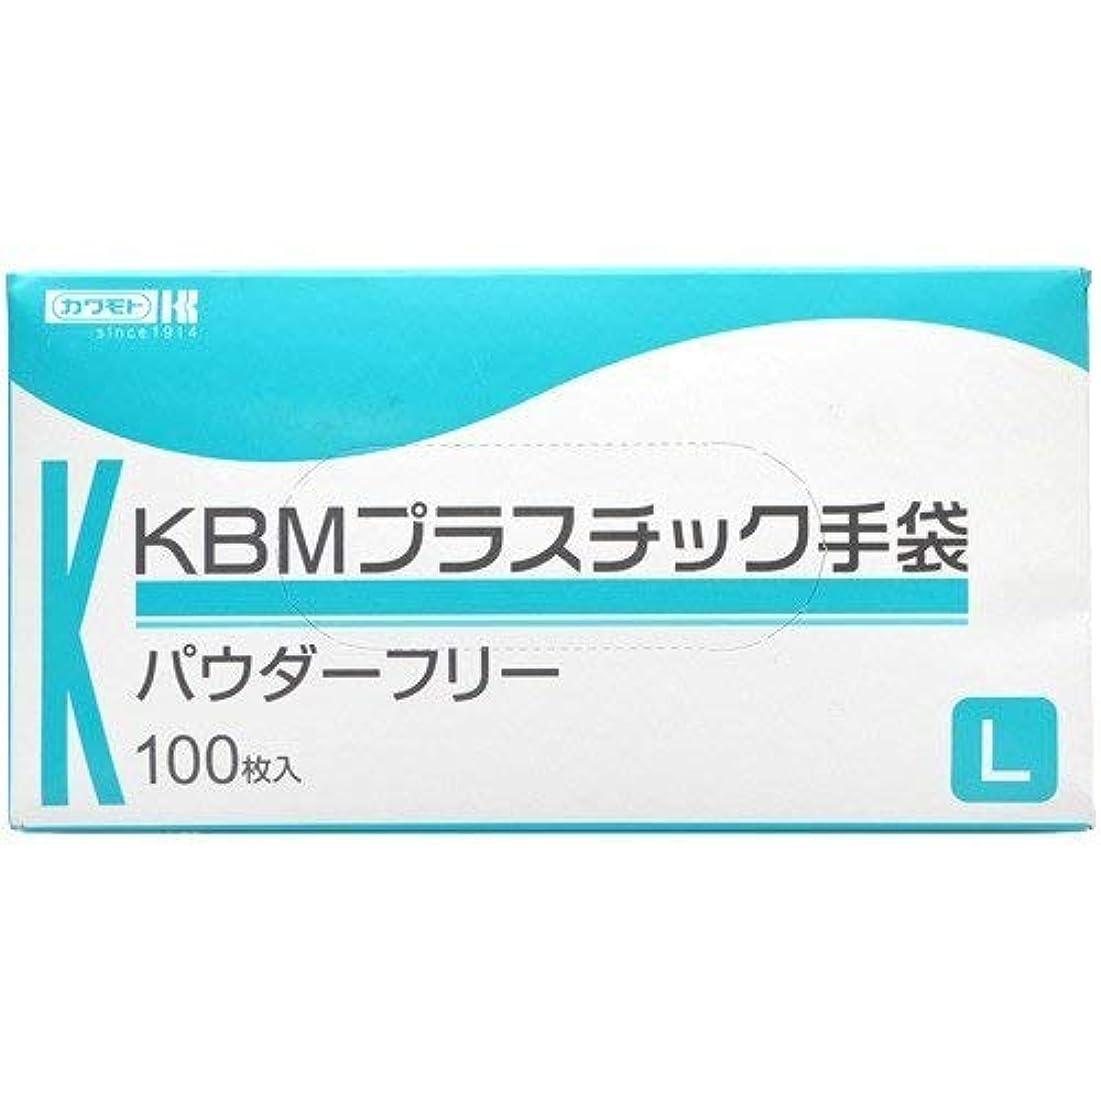 噂白い影響力のある川本産業 KBMプラスチック手袋 パウダーフリー L 100枚入 ×2個